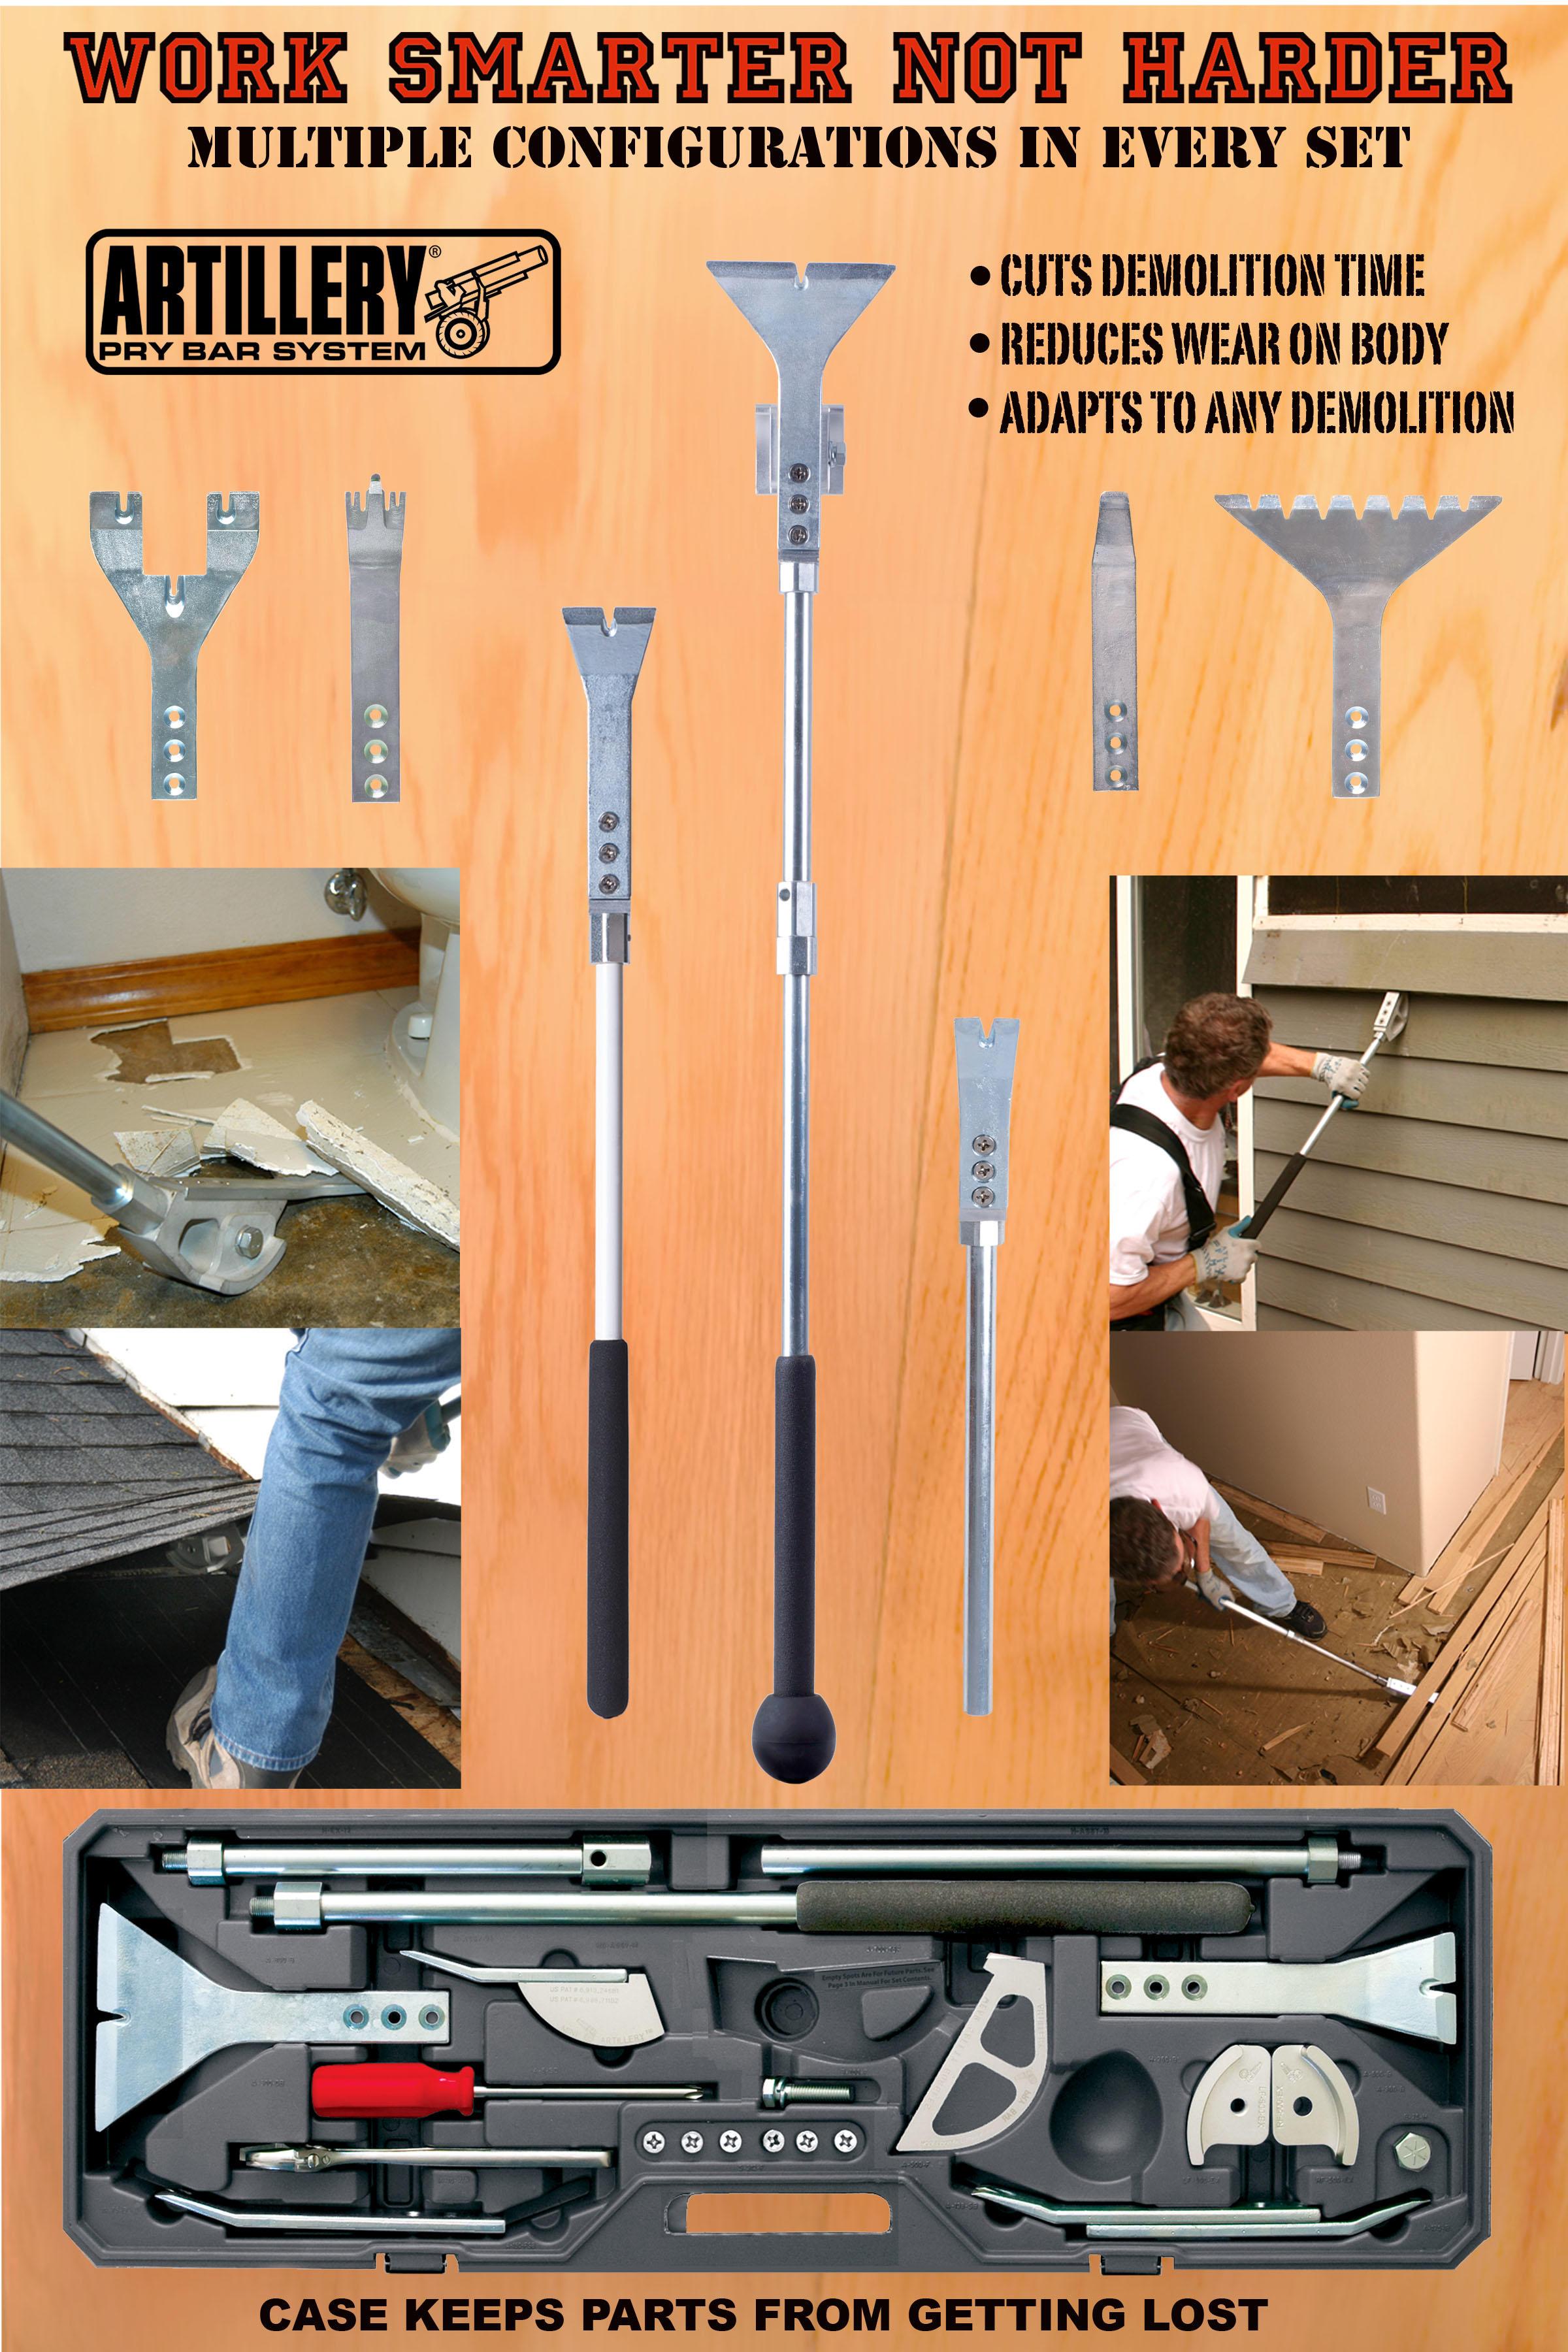 Artillery Tools, LLC image 7